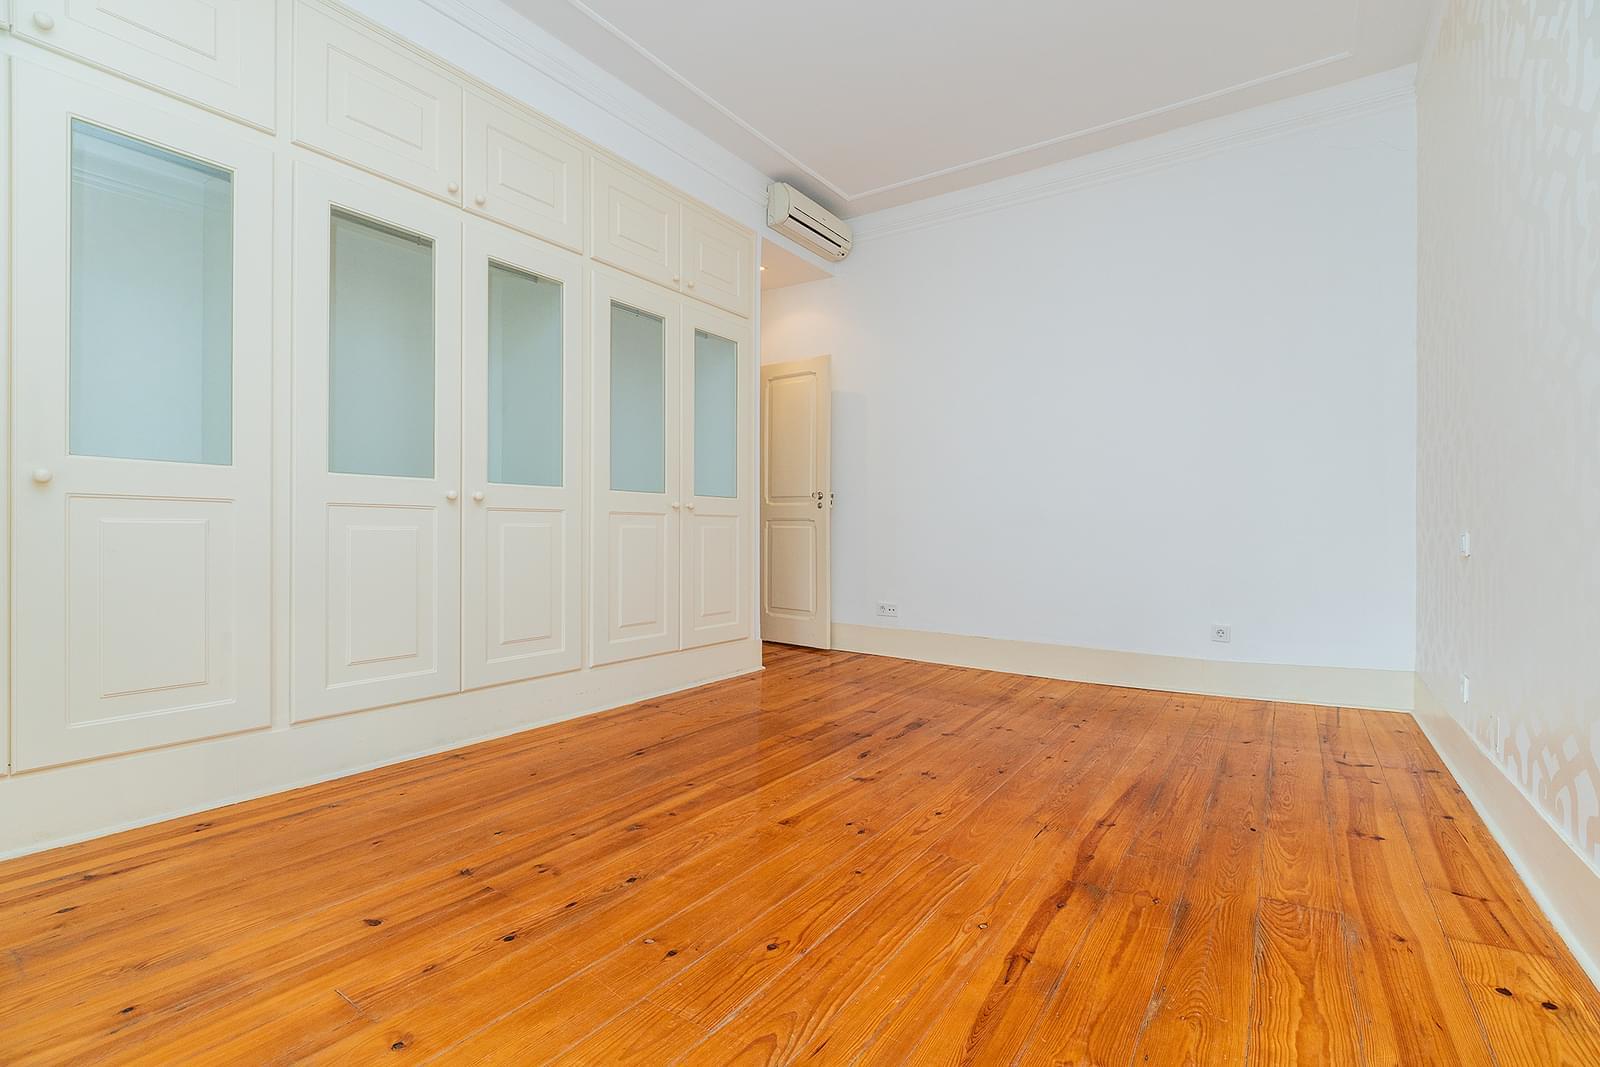 pf18723-apartamento-t3-1-lisboa-ab127a0d-86aa-4be6-86e3-f752268d9678